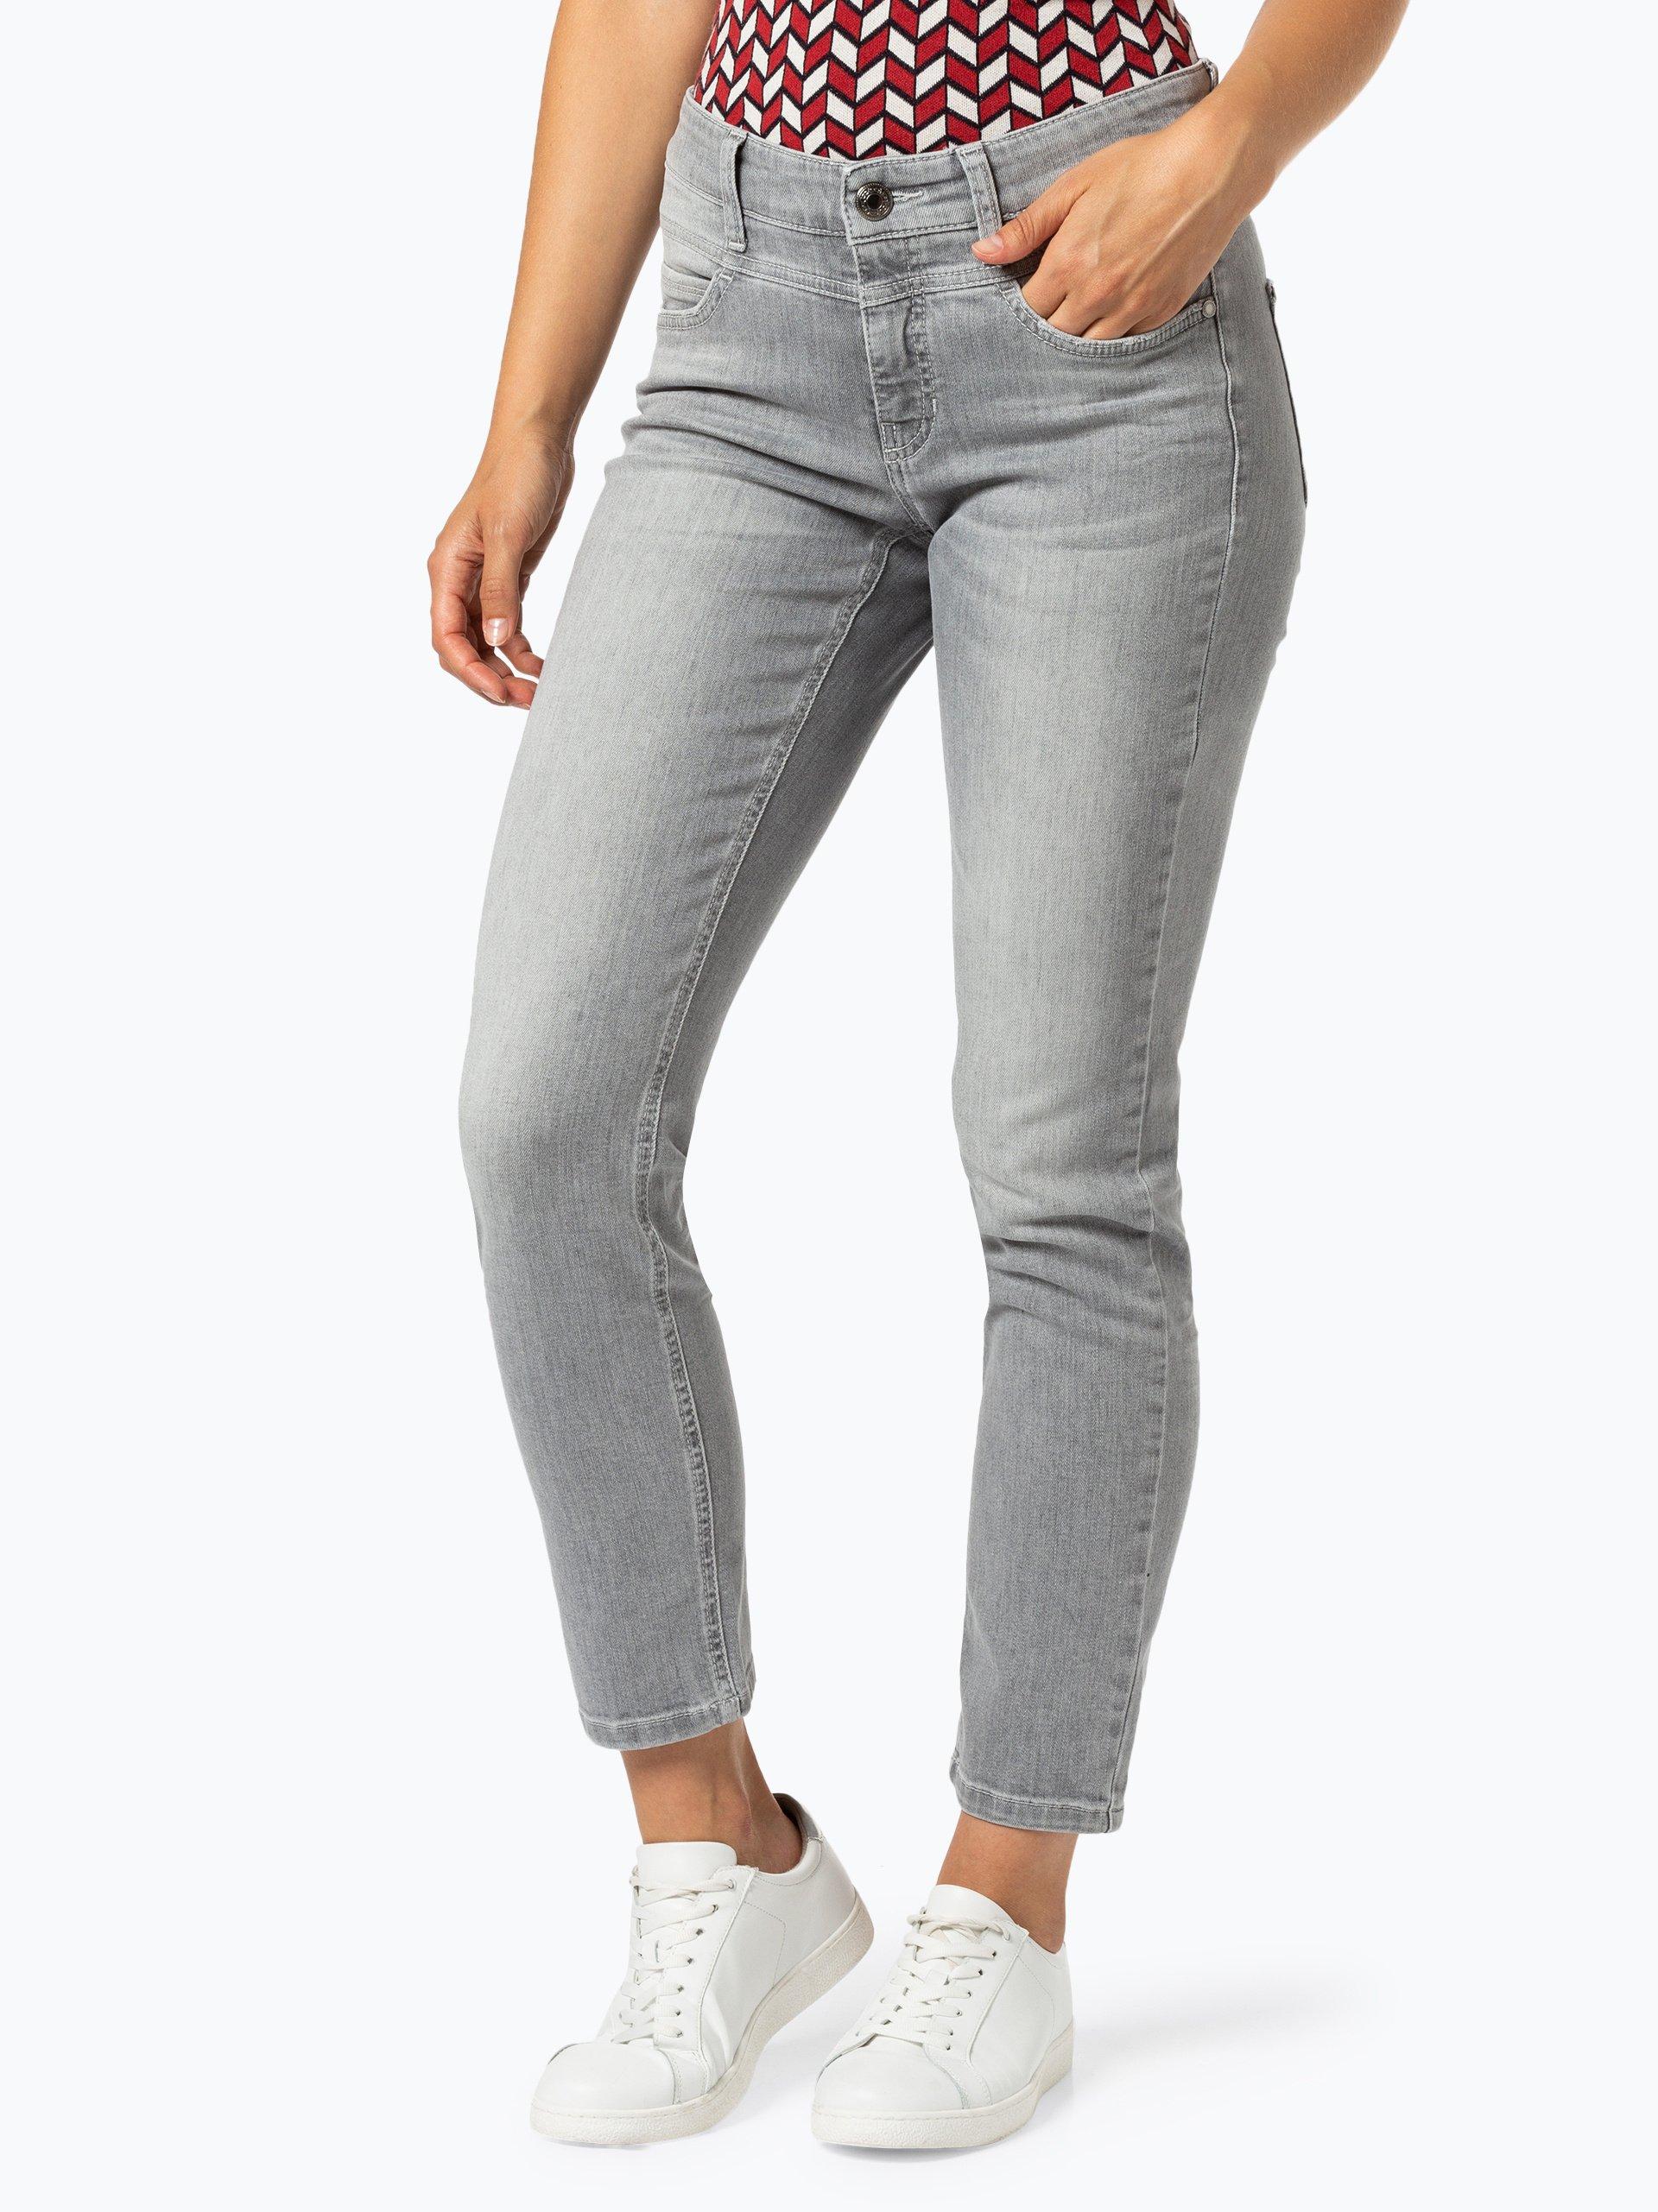 Cambio Damen Jeans - Posh